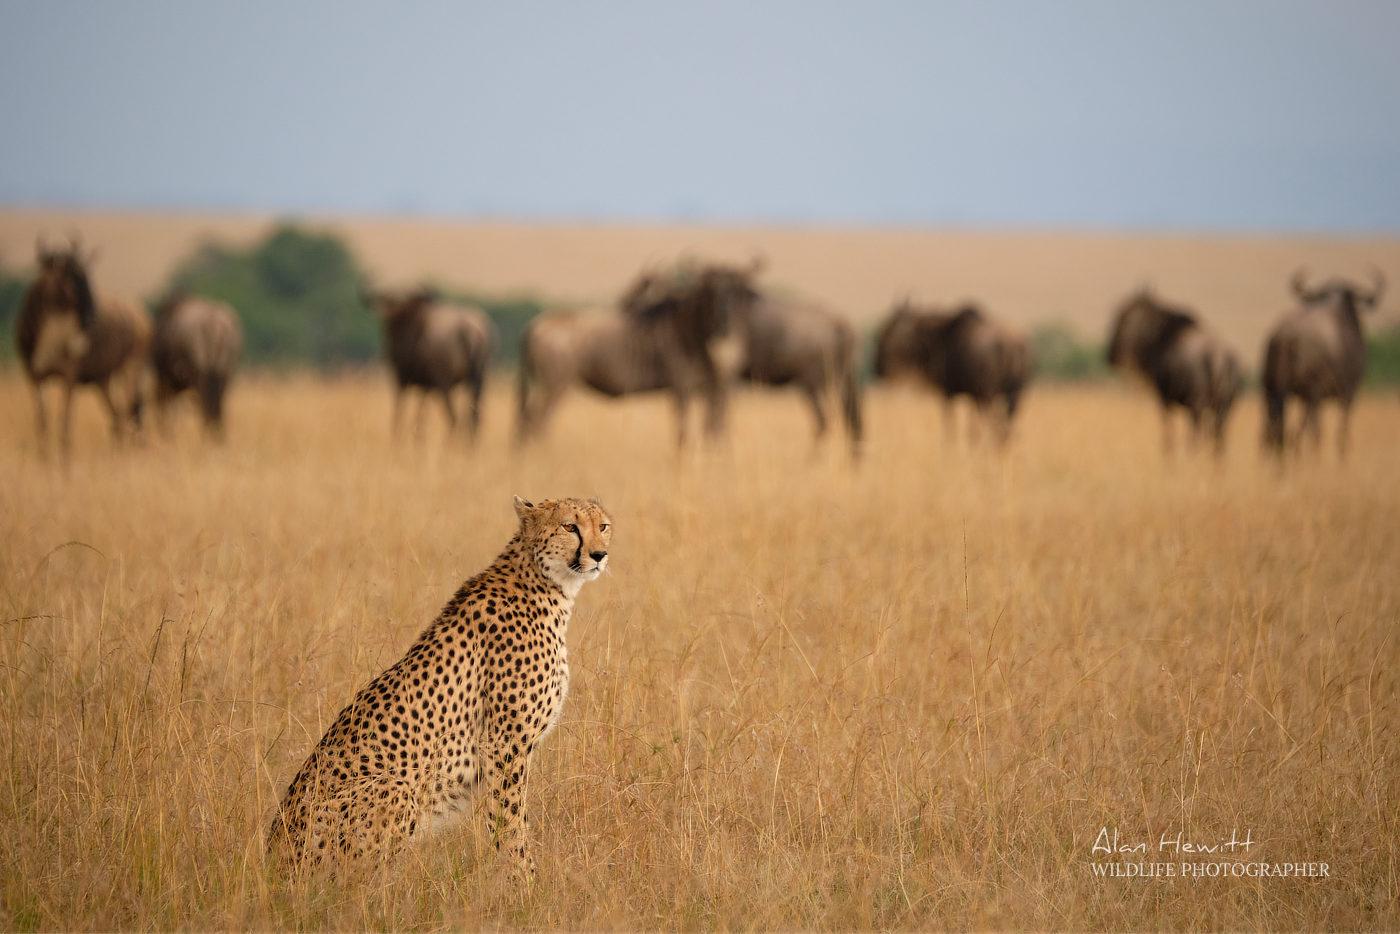 Cheetah and Wildesbeest Alan Hewitt Photography